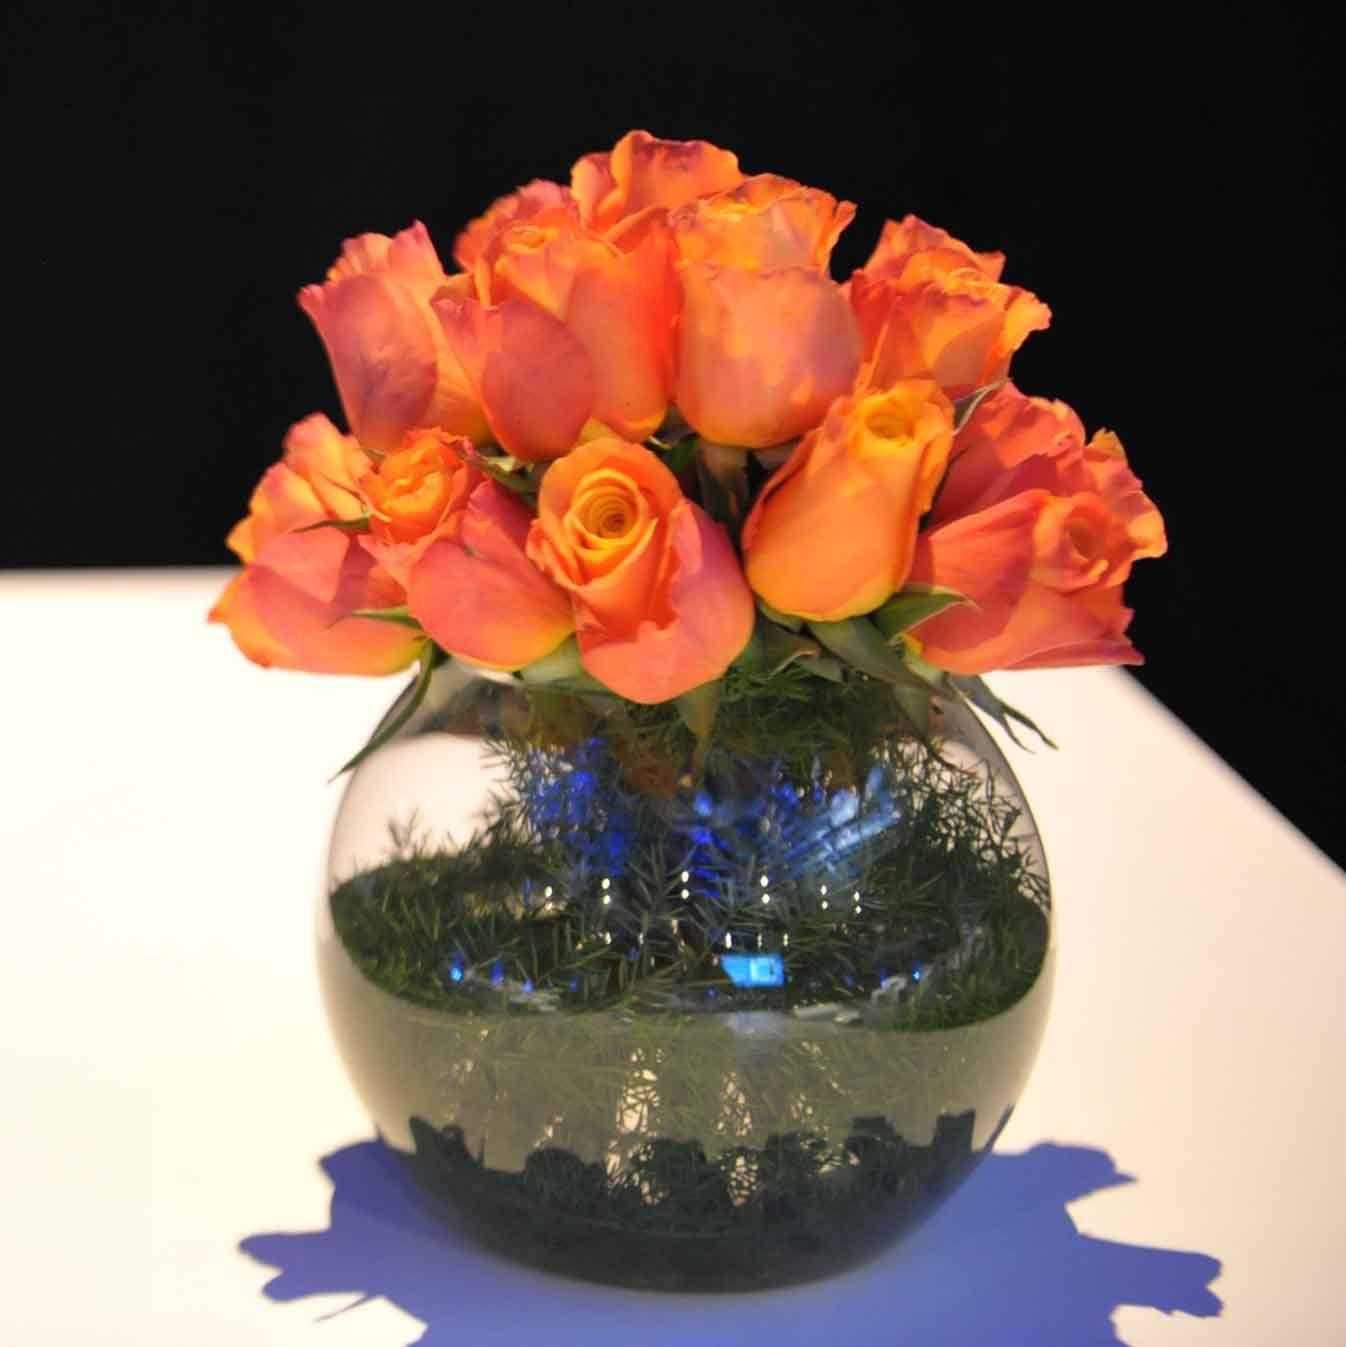 fish bowl flower vase of 8 od orange rose foliage lined gold fish bowl orange flower pertaining to 8 od orange rose foliage lined gold fish bowl